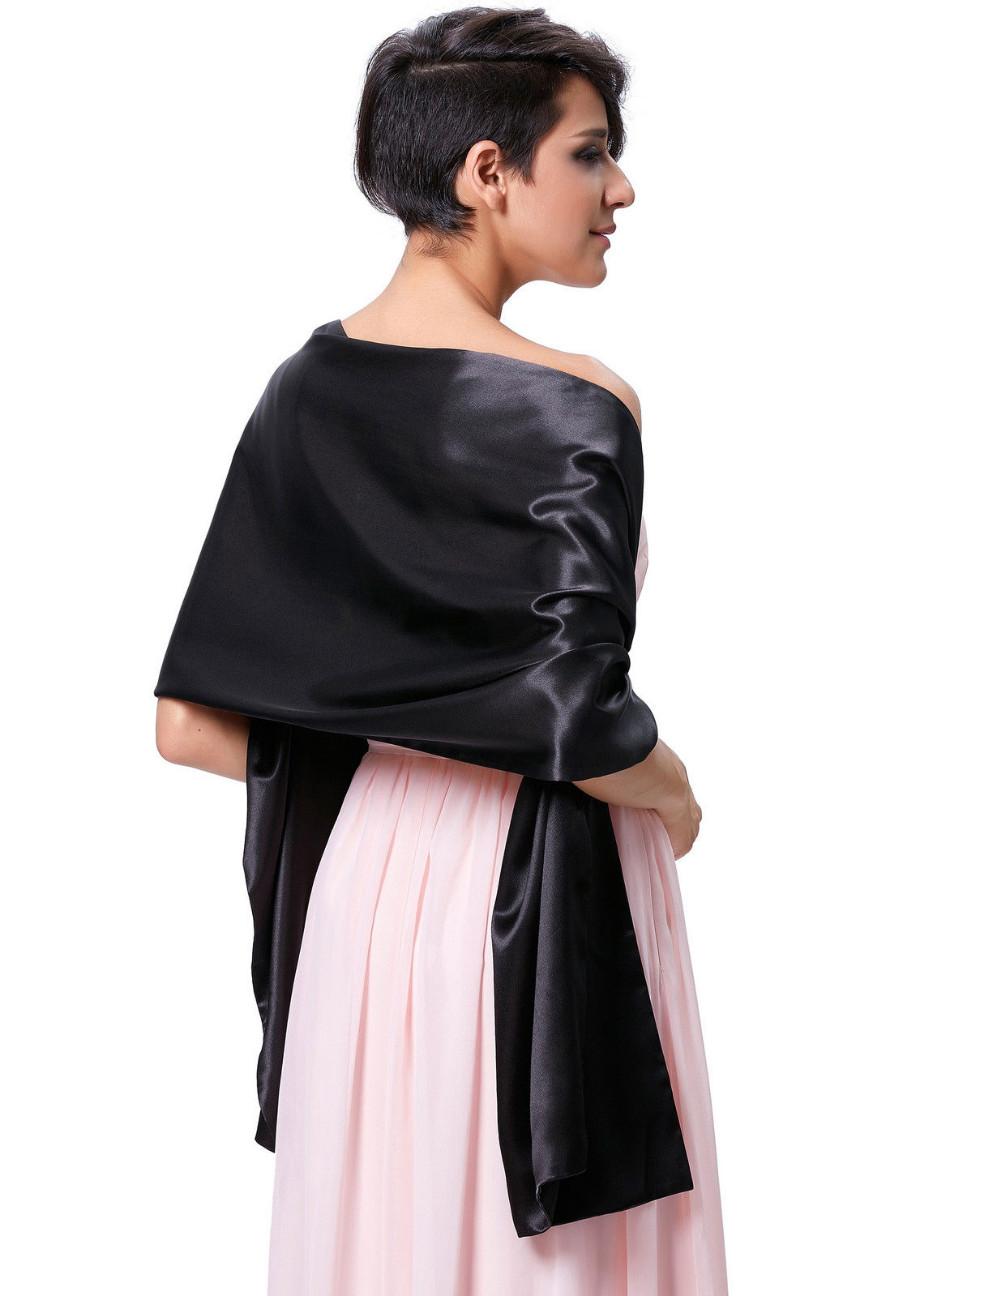 100% Soft Satin Bridal Wraps Evening Dress Shawl Scarf for Wedding ...